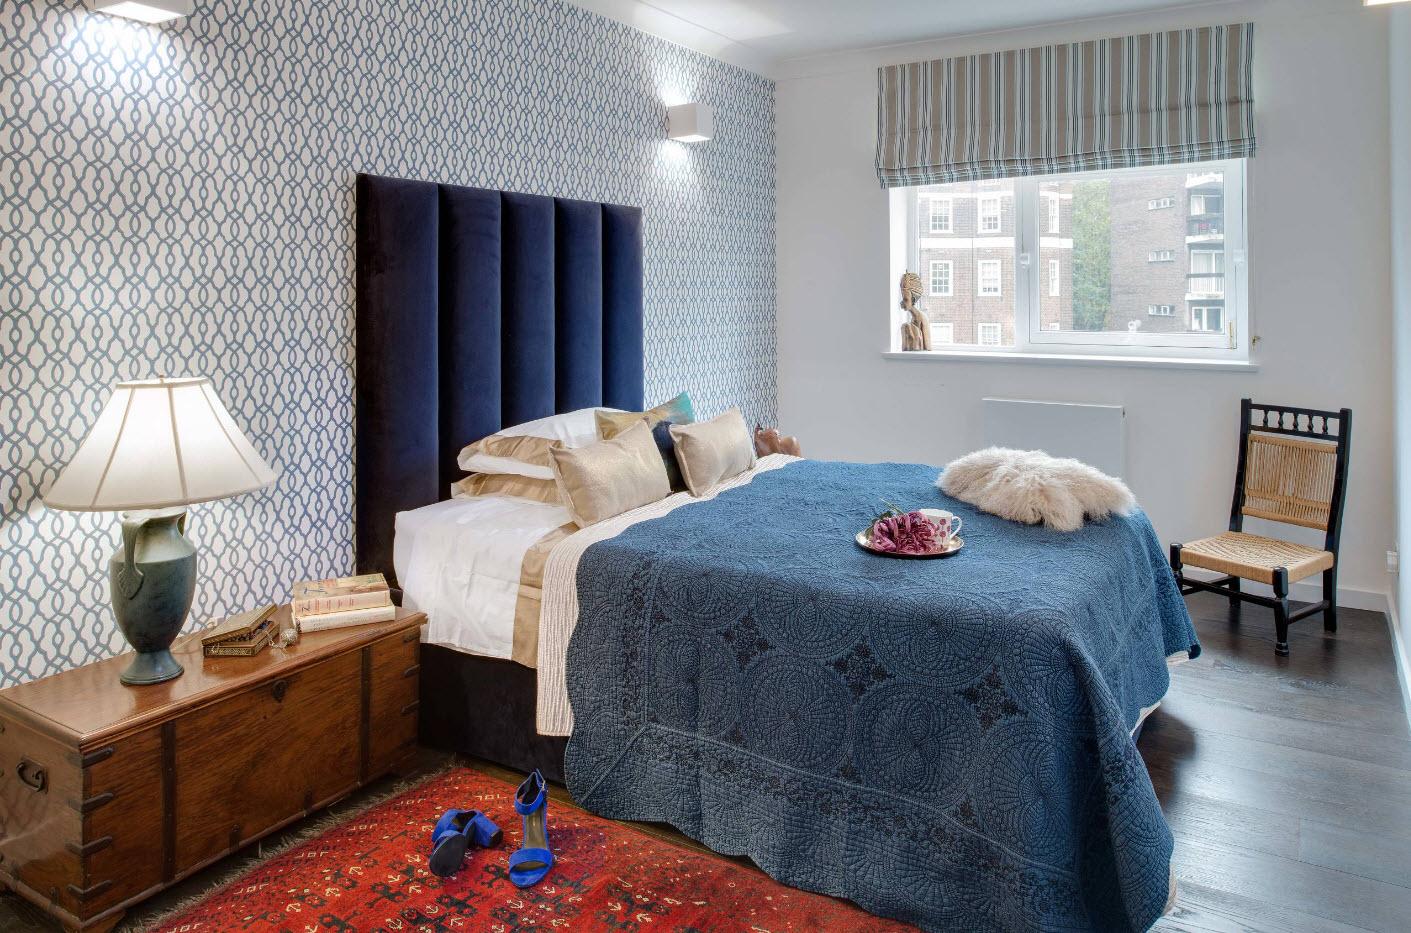 обои для спальни фото дизайн 2019 года комбинировать 6